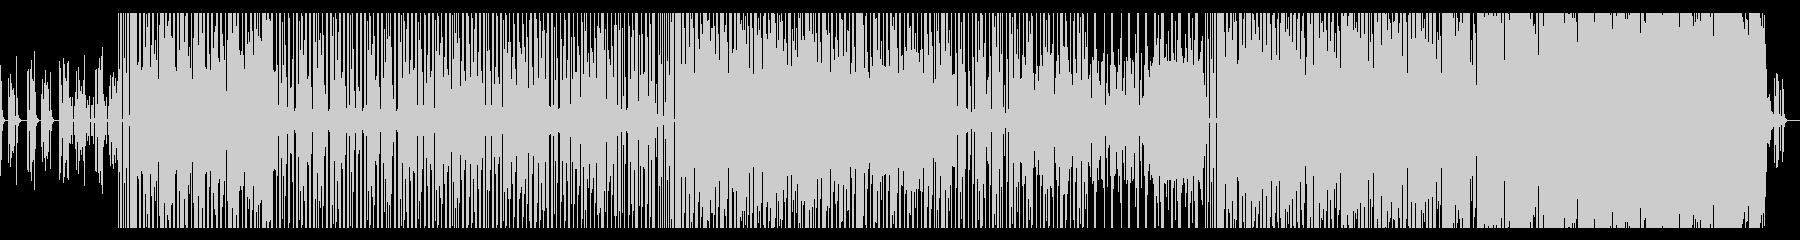 【メロディー無】70年代ファンクロック風の未再生の波形